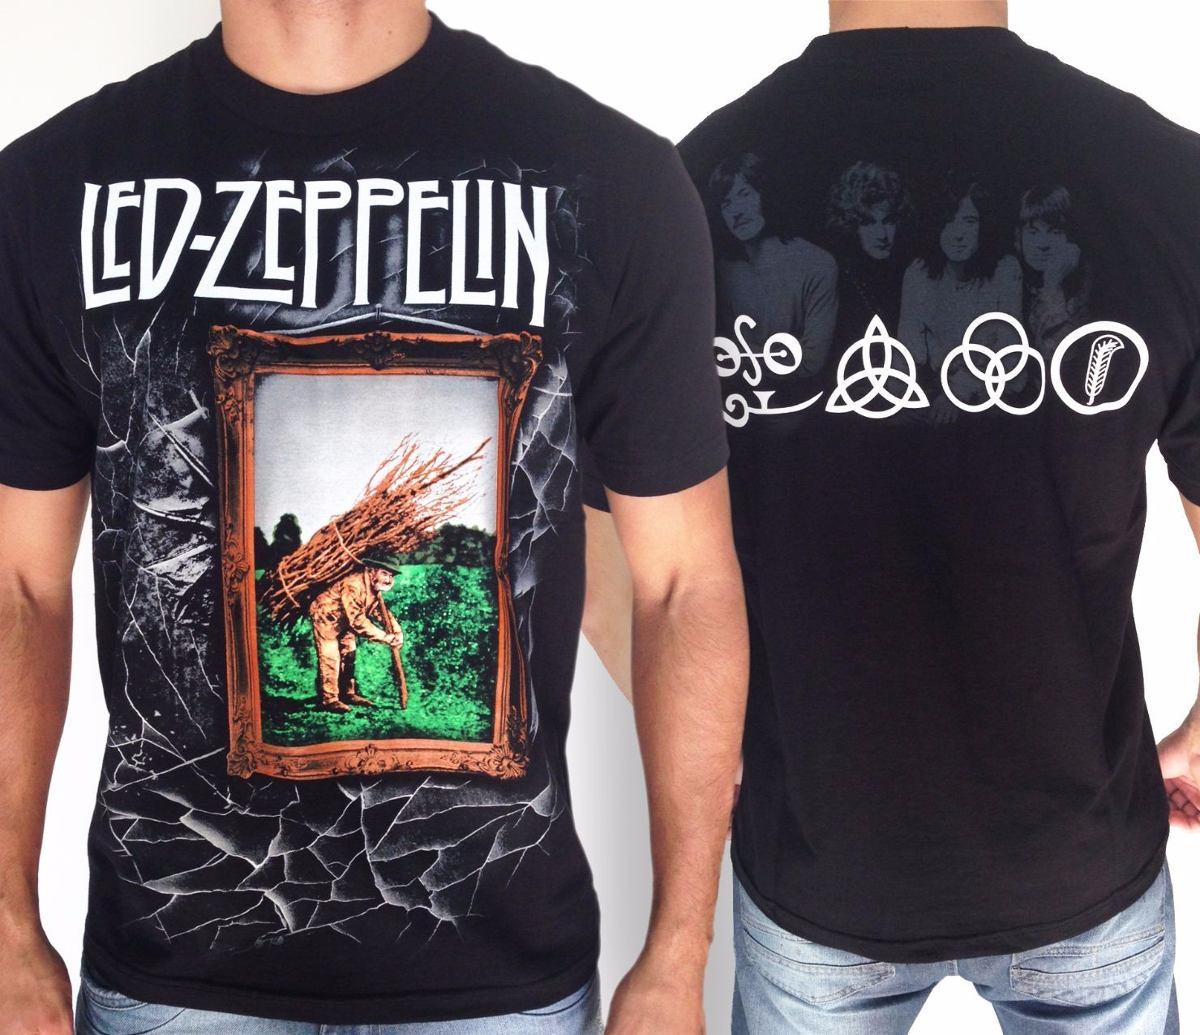 Camiseta consulado do rock e815 led zeppelin four symbols r 44 led zeppelin four symbols carregando zoom biocorpaavc Gallery